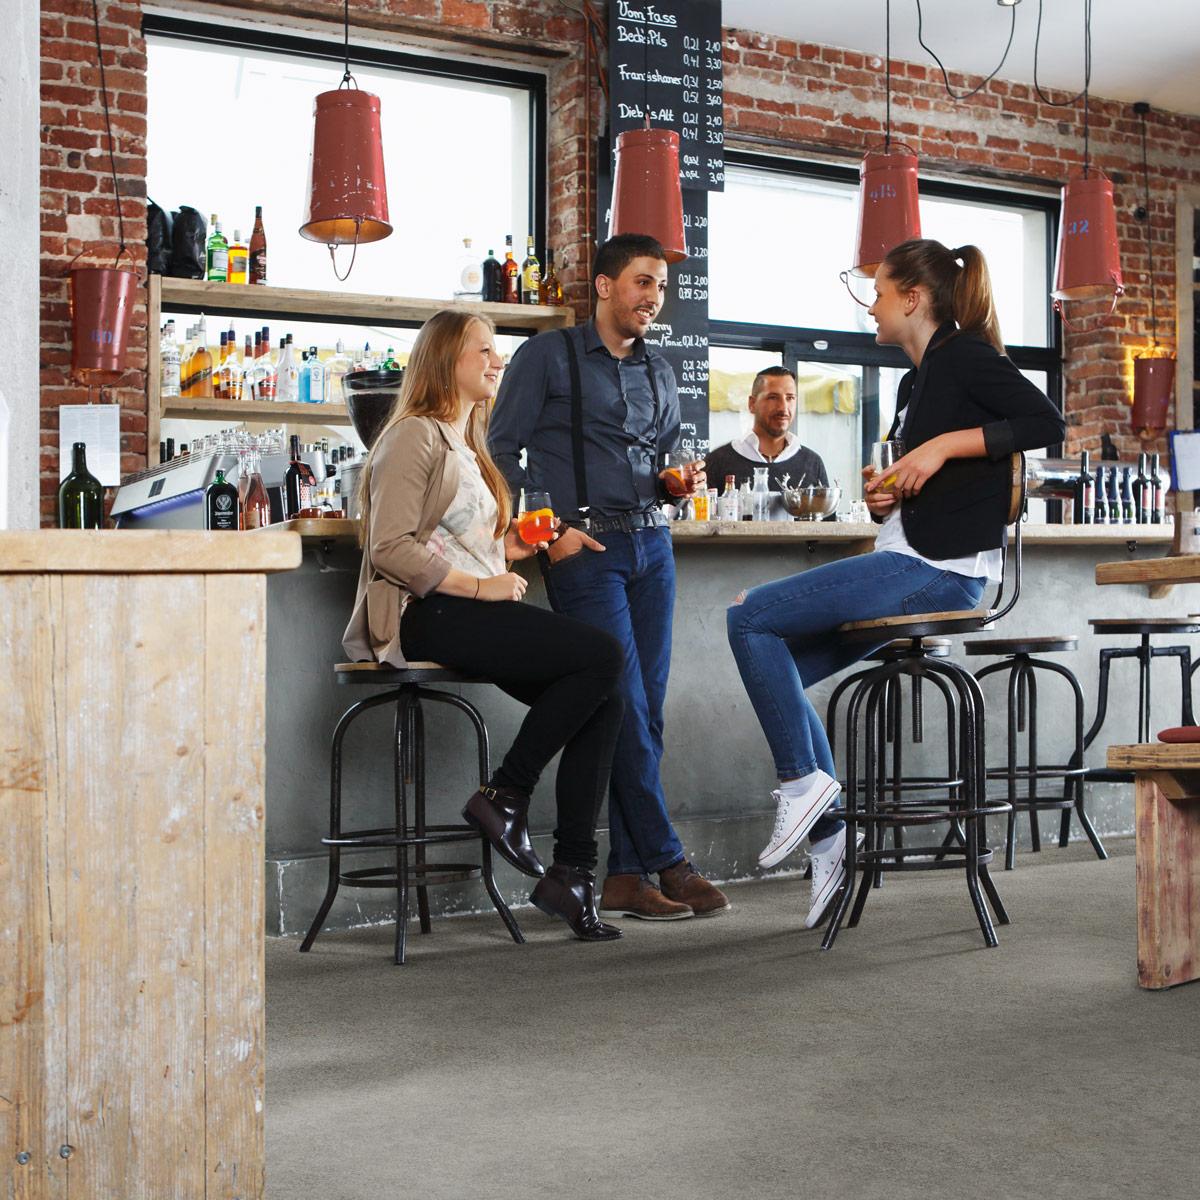 wineo Bodenbelag Designboden Grau Steinoptik Menschen in einem Café